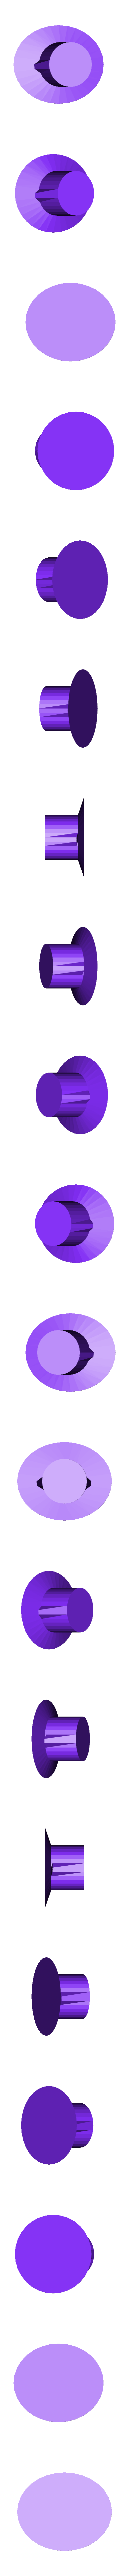 Tapon waddles alcancia.stl Télécharger fichier STL gratuit Gamme Waddless Range (économiseur de pièces) • Design pour impression 3D, darcshadowrenacido